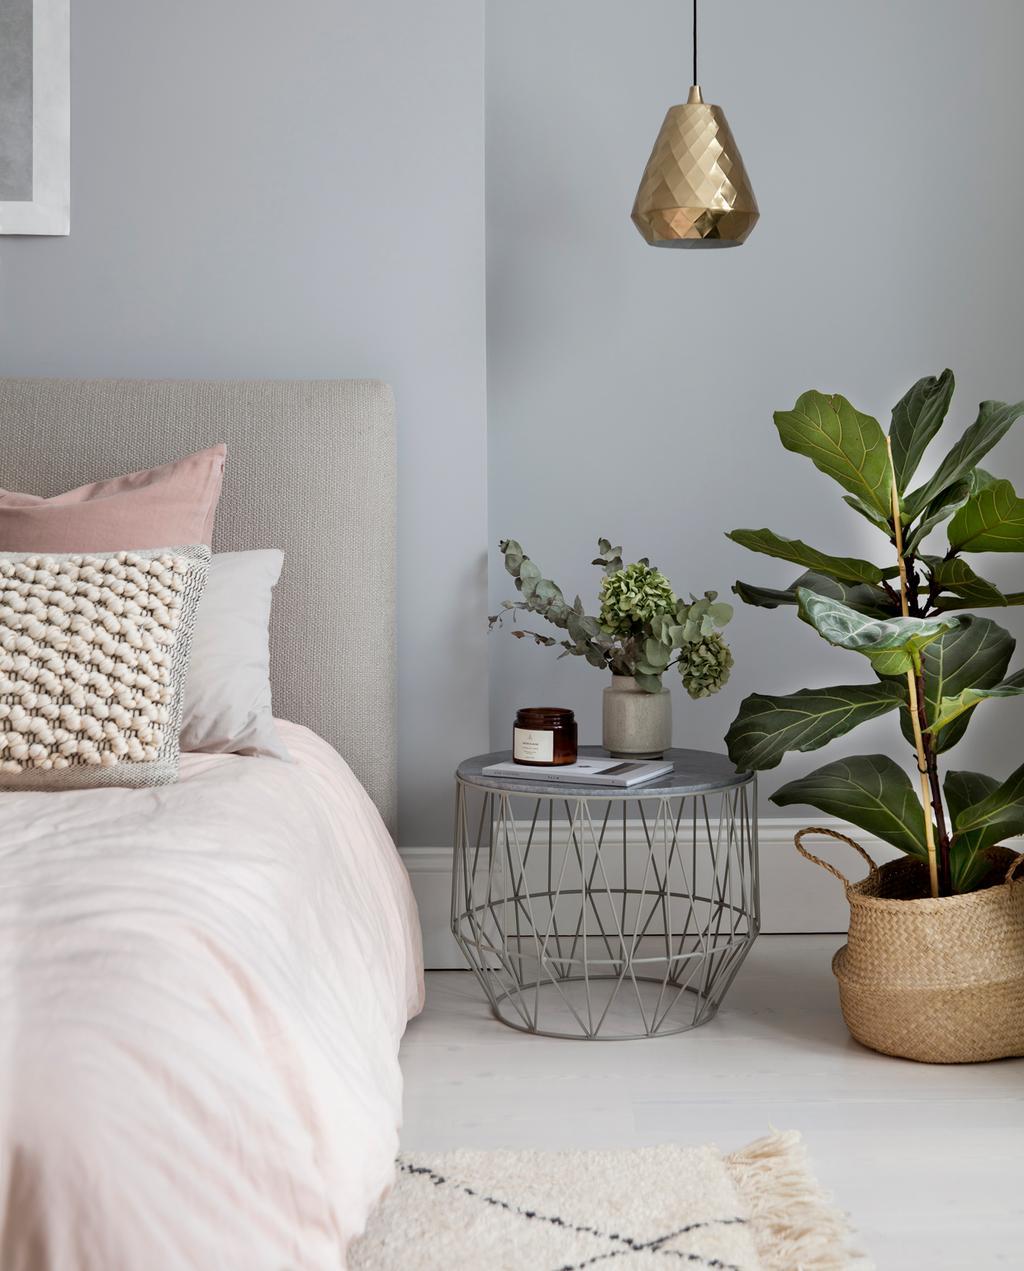 vtwonen 1-2020 | binnenkijken in een victoriaans herenhuis in Londen roze bedlinnen slaapkamer